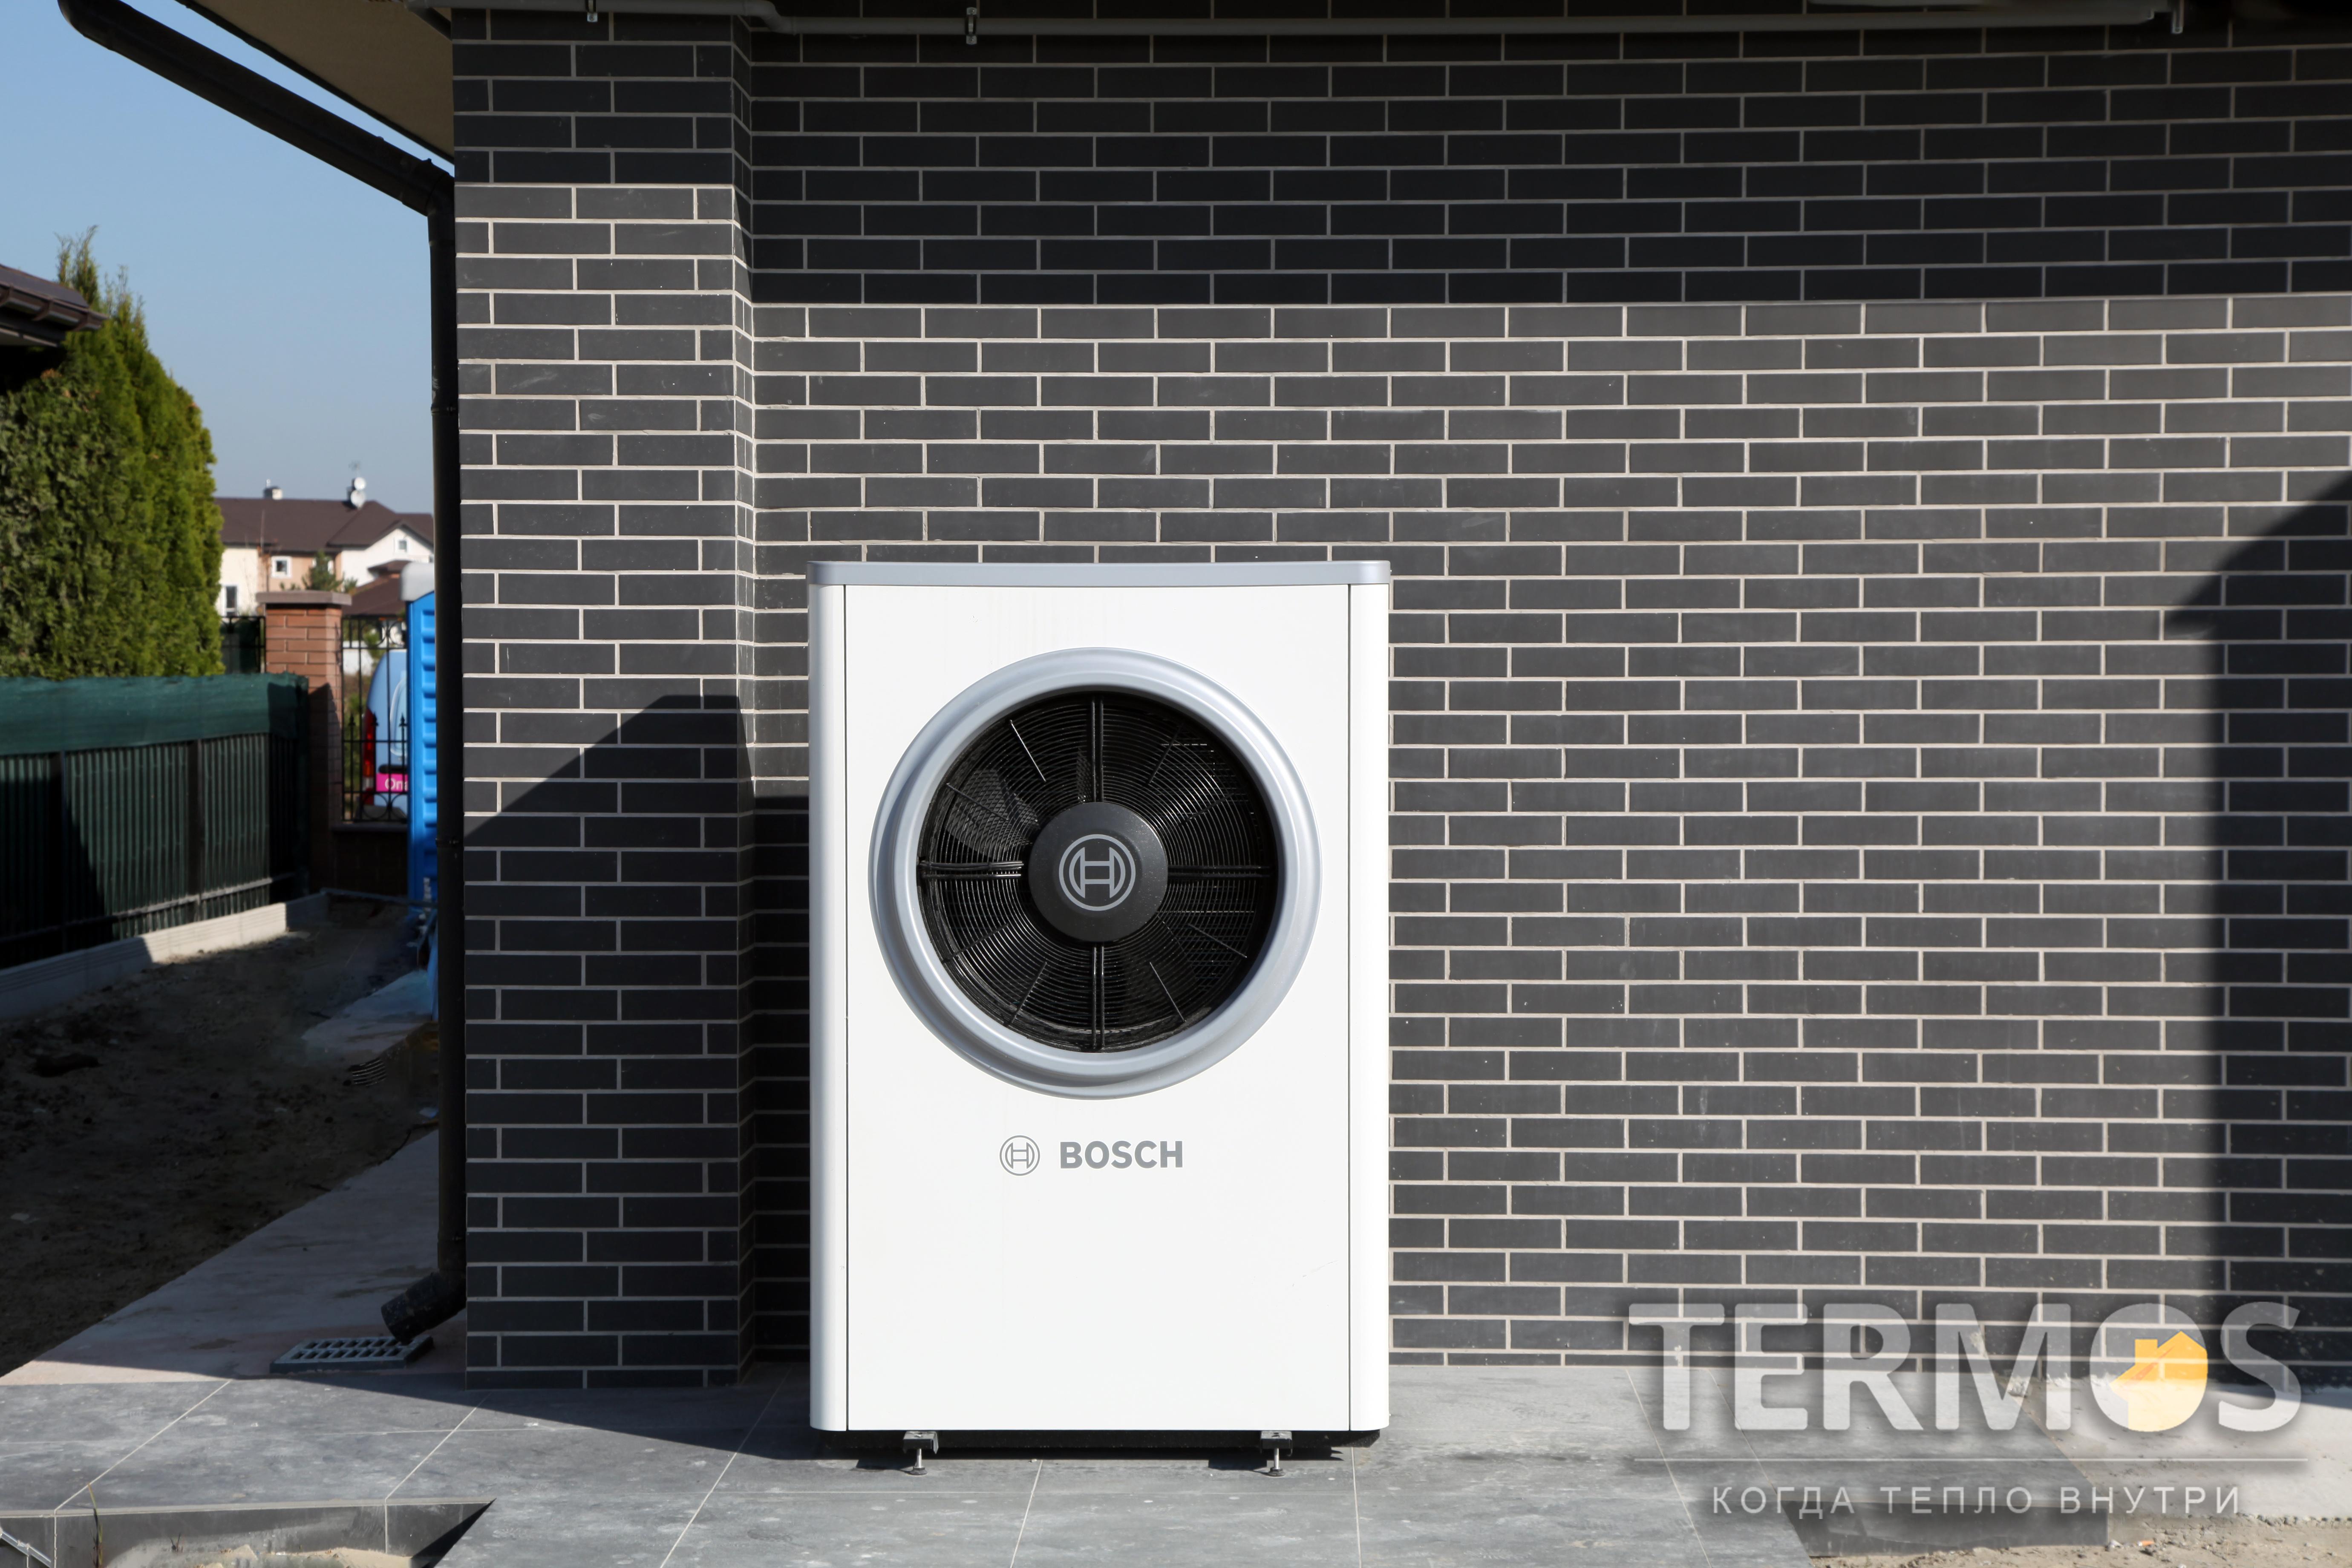 Воздушный реверсивный тепловой насос BOSCH (Германия) Compress 7000i 13   кВт с режимами тепло / холод